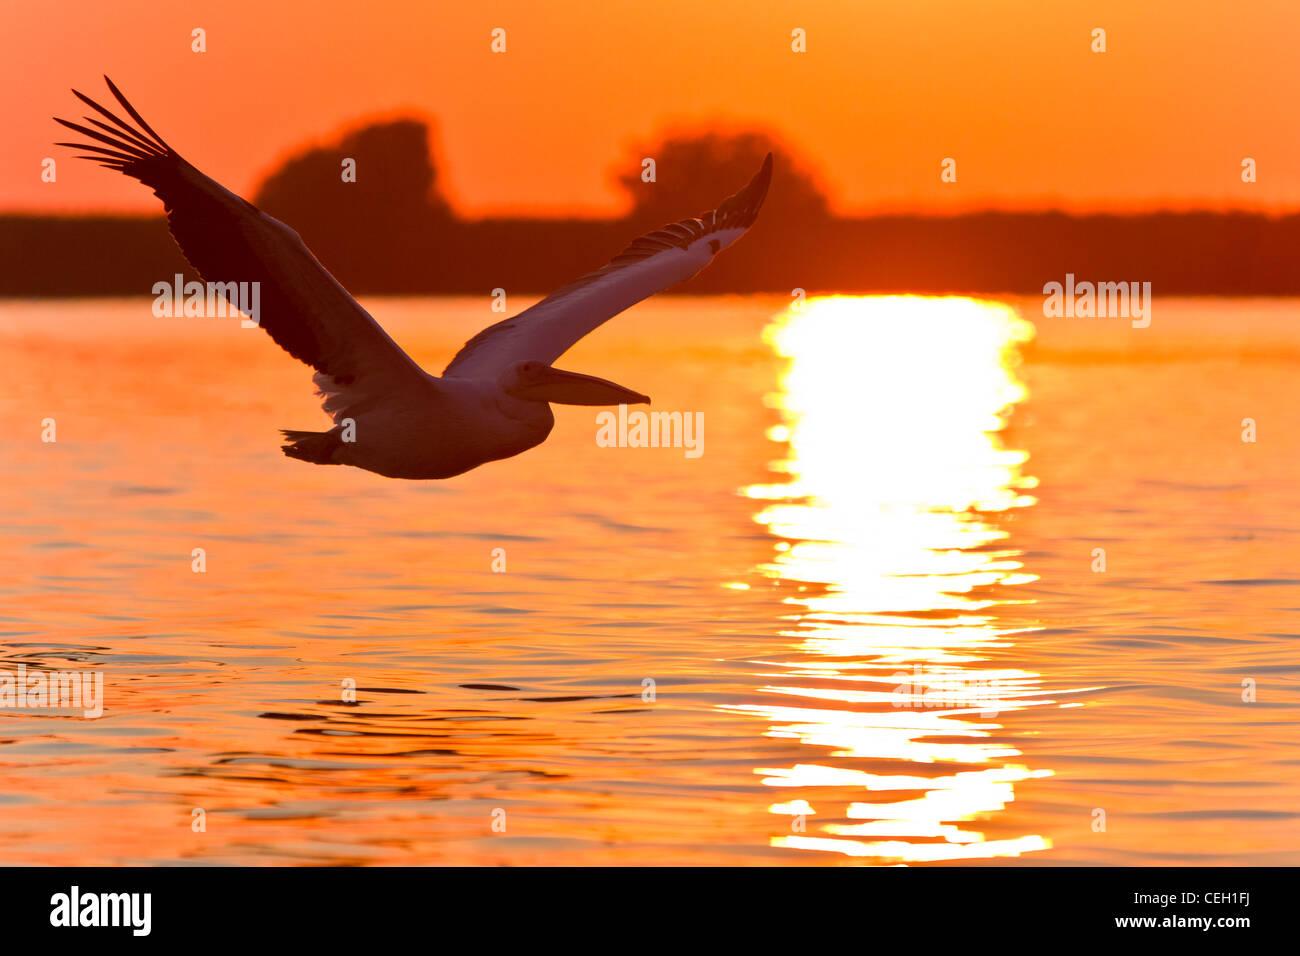 pelican in flight - Stock Image